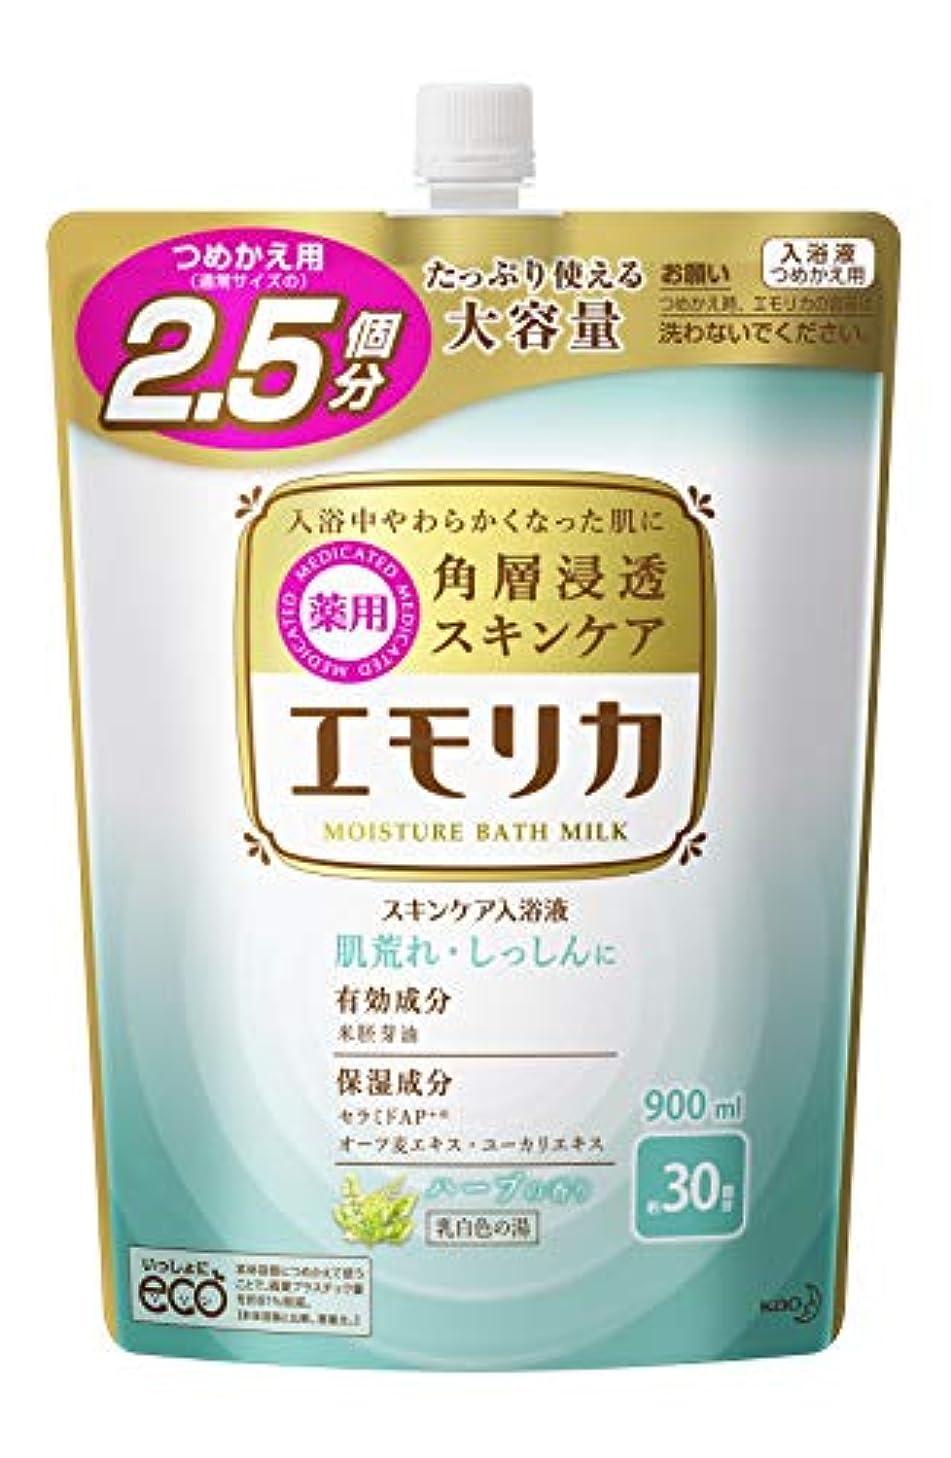 特権的劇的精神医学【大容量】エモリカ 薬用スキンケア入浴液 ハーブの香り つめかえ用900ml 液体 入浴剤 (赤ちゃんにも使えます)